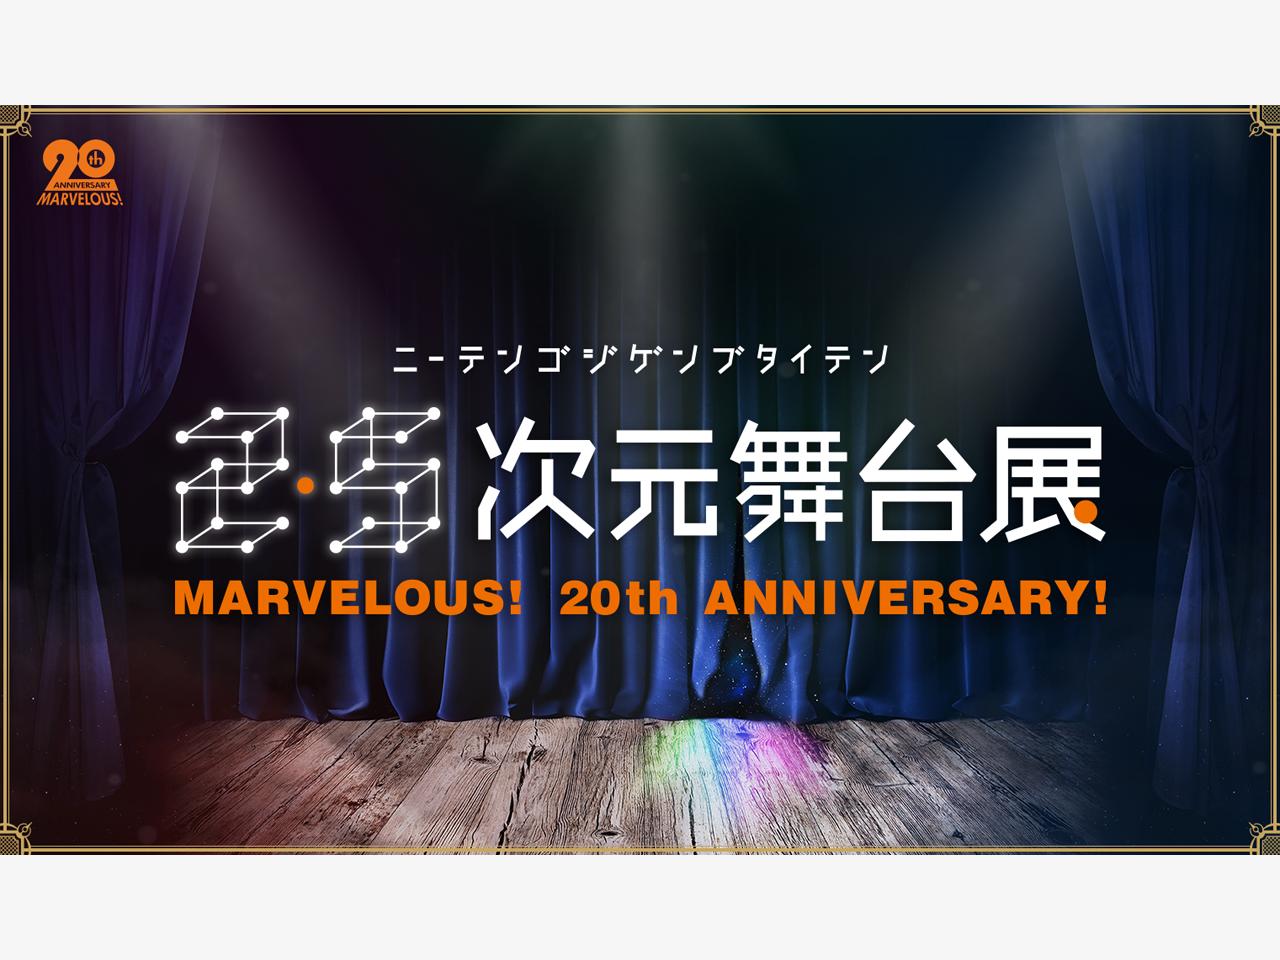 今、最もアツい「2.5次元舞台」の魅力に迫る!「2.5次元舞台展」~MARVELOUS!20th ANNIVERSARY!~開催決定!